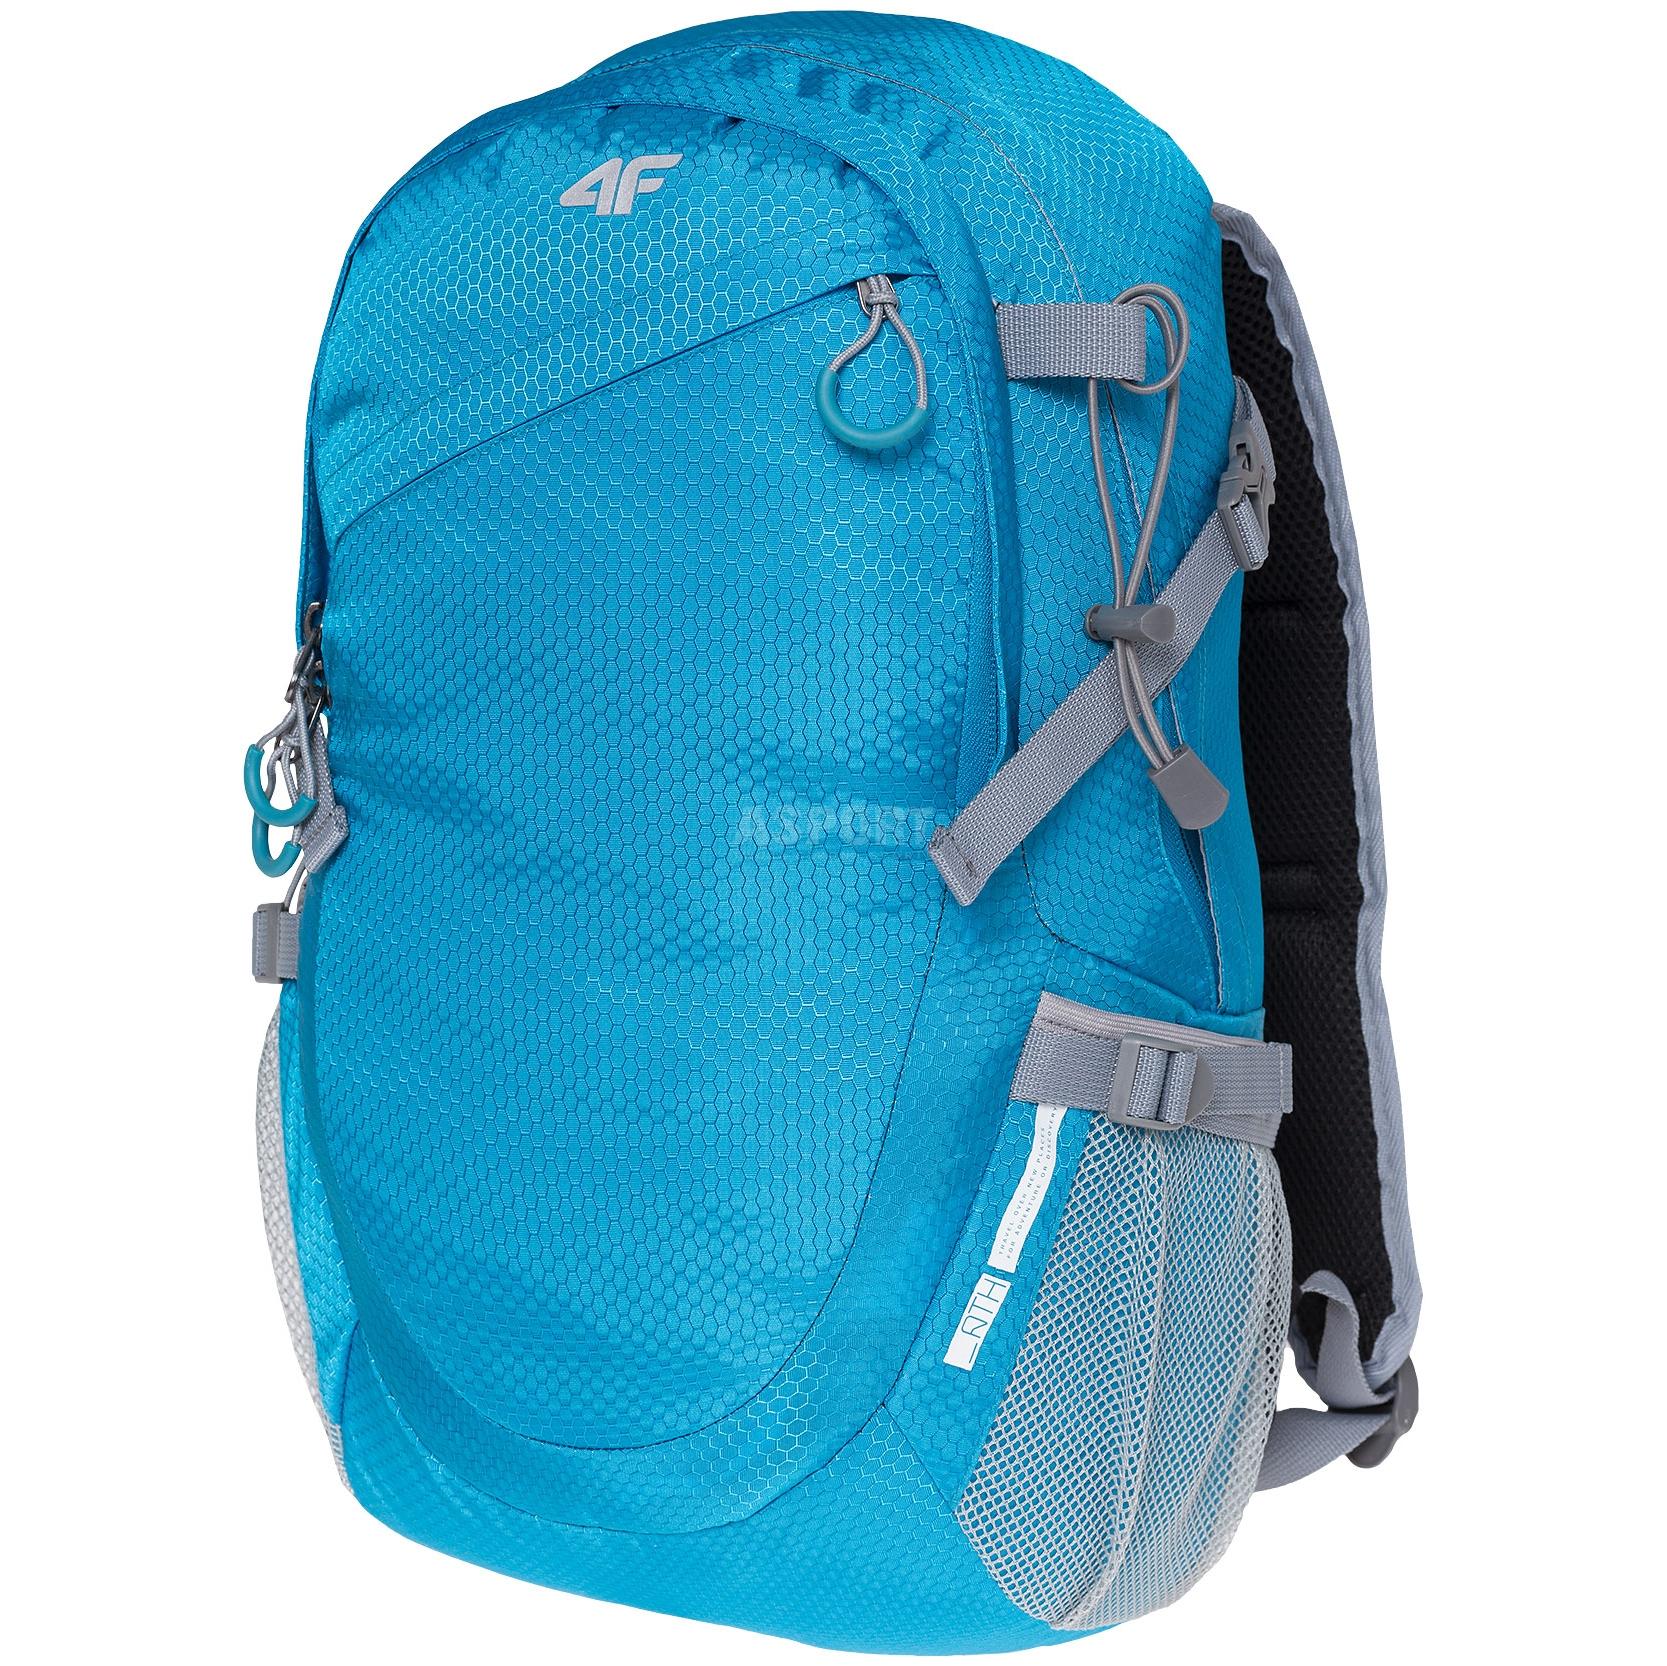 758004ad75134 Plecak miejski, sportowy, turystyczny PCU017 20l niebieski 4F ...